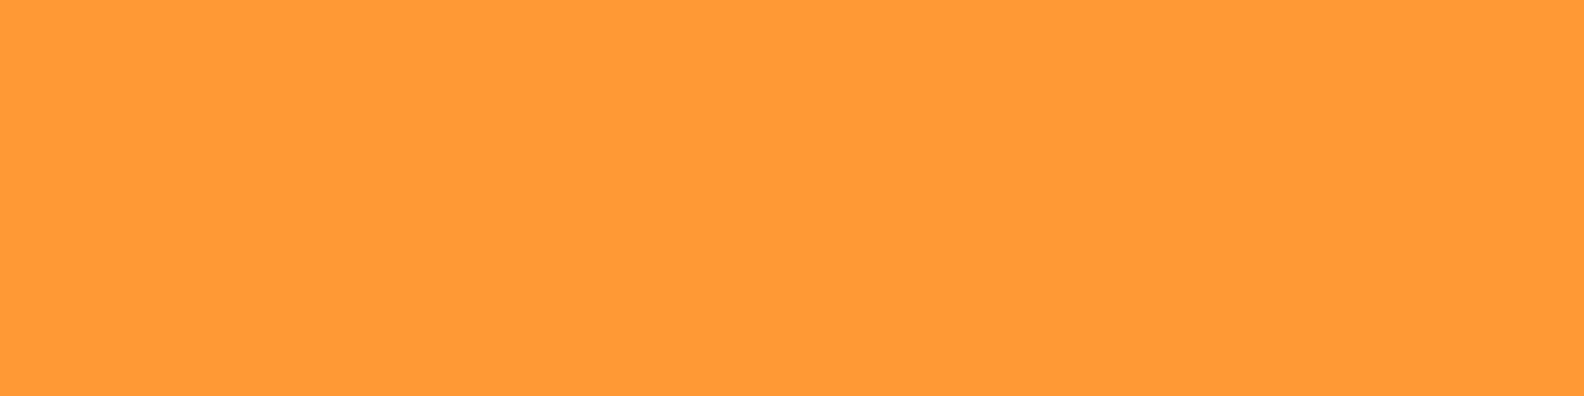 1584x396 Deep Saffron Solid Color Background